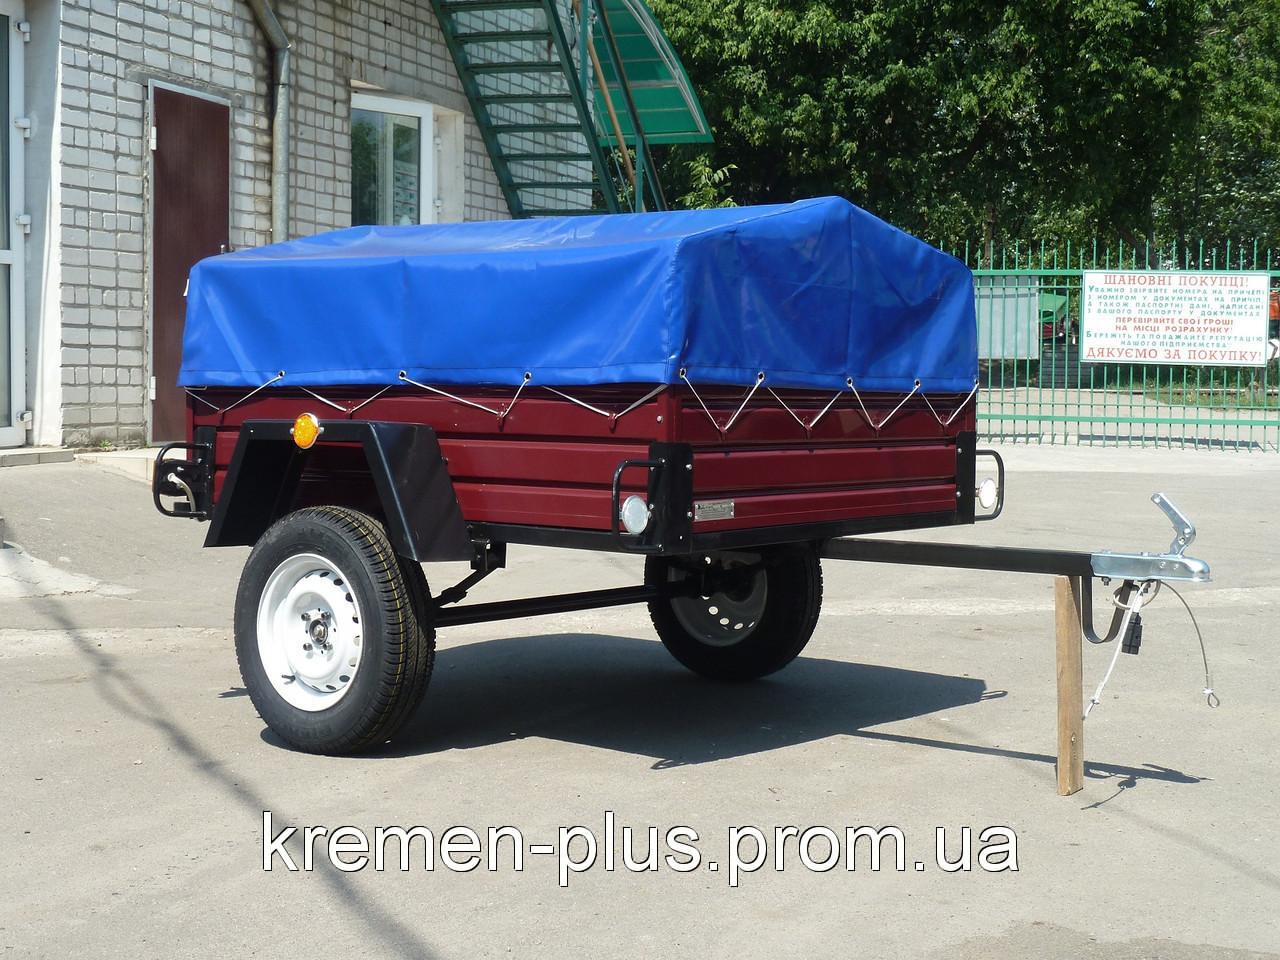 Продам одноосный легковой прицеп в Полтаве для автомобиля